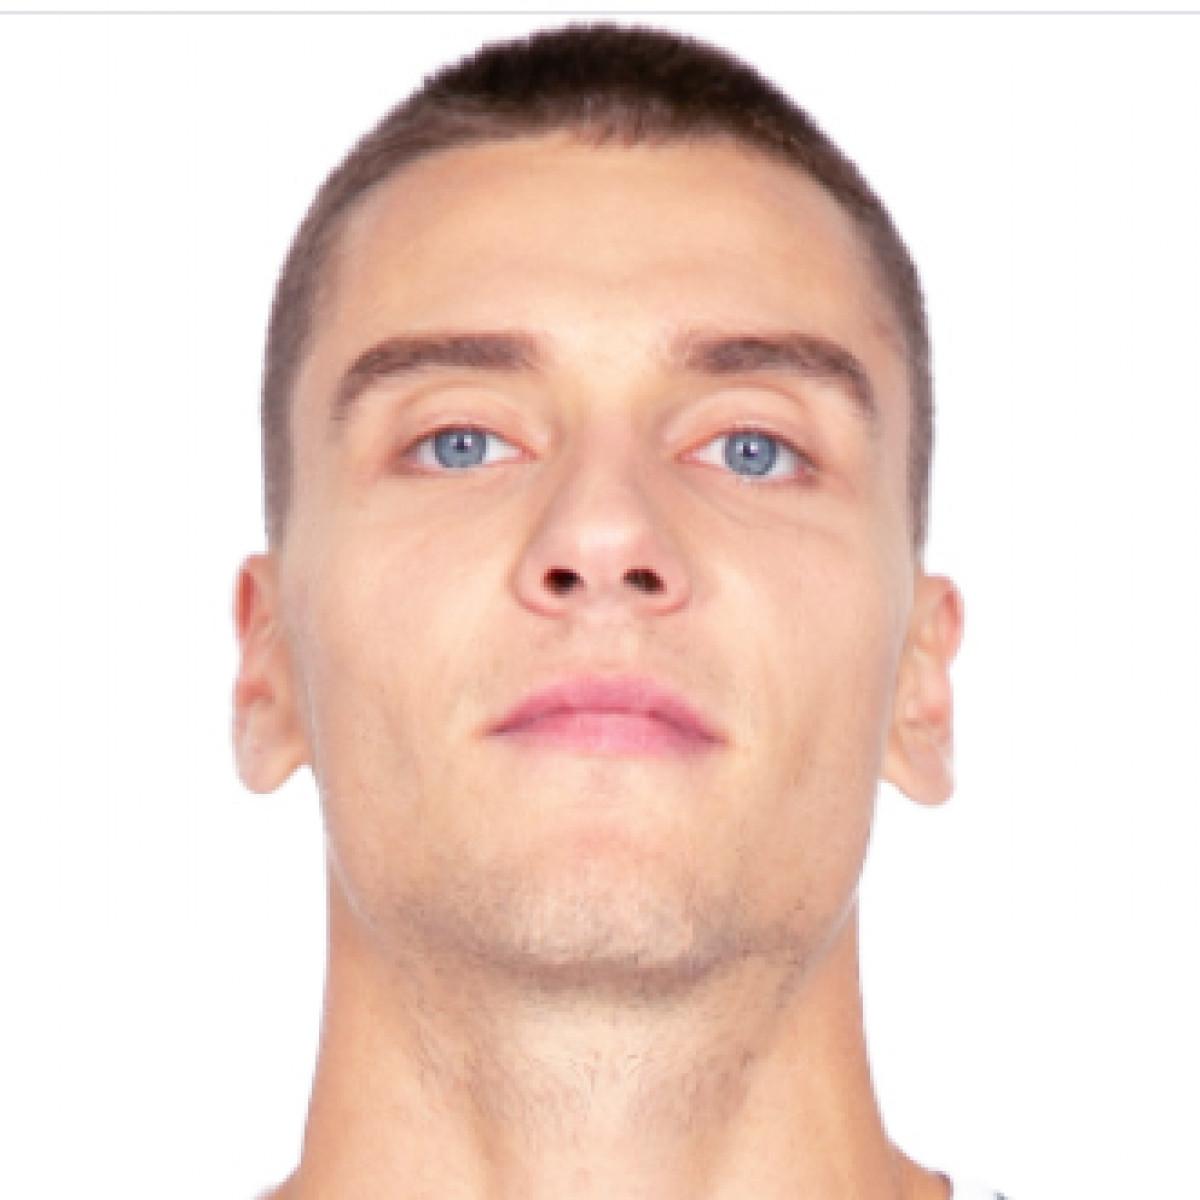 Juozas Balciunas